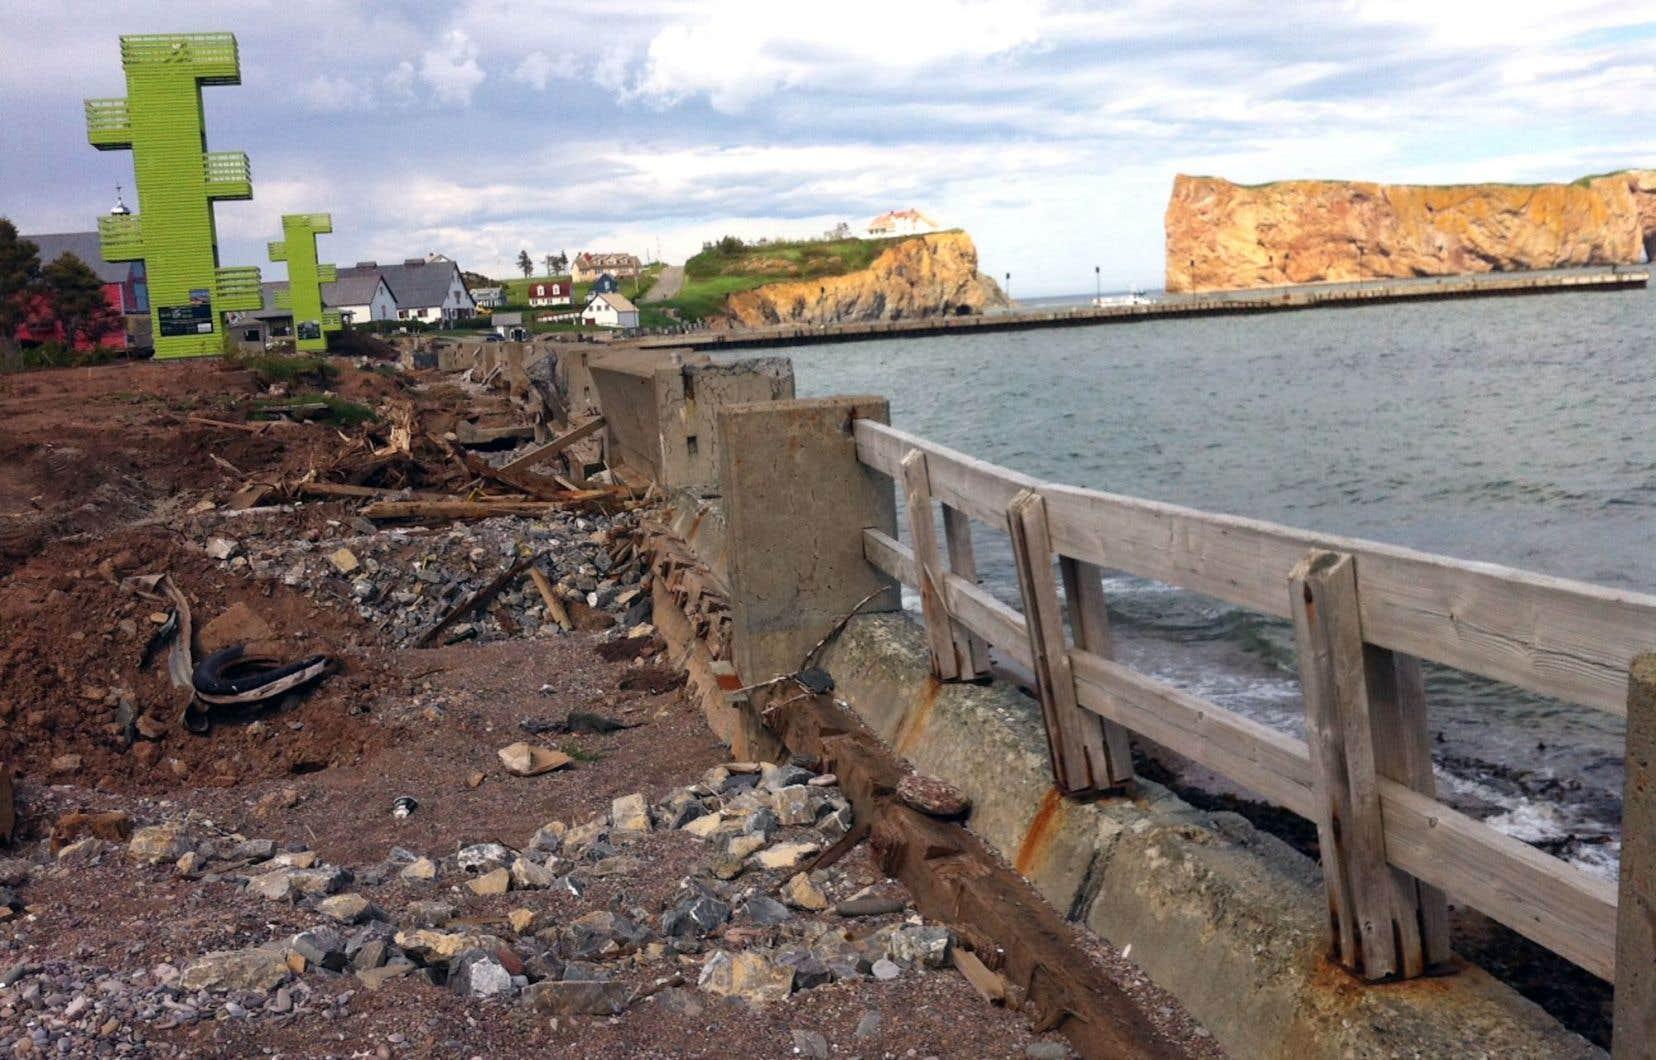 L'érosion du littoral du village de Percé et la destruction de toute sa promenade l'hiver dernier à la suite de tempêtes sont des preuves des conséquences de l'action humaine sur le climat, selon David Suzuki.